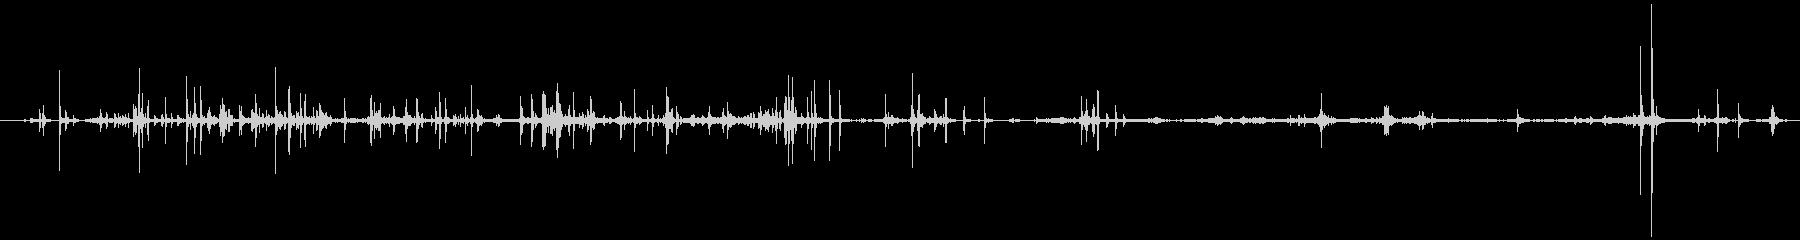 段ボールシリアルボックス:内袋をロ...の未再生の波形